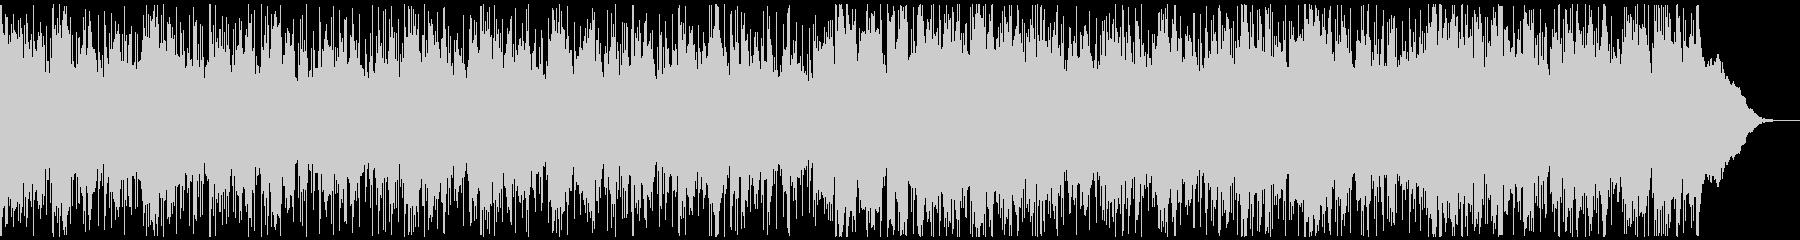 生音・切ないハーモニカのエモいポップの未再生の波形